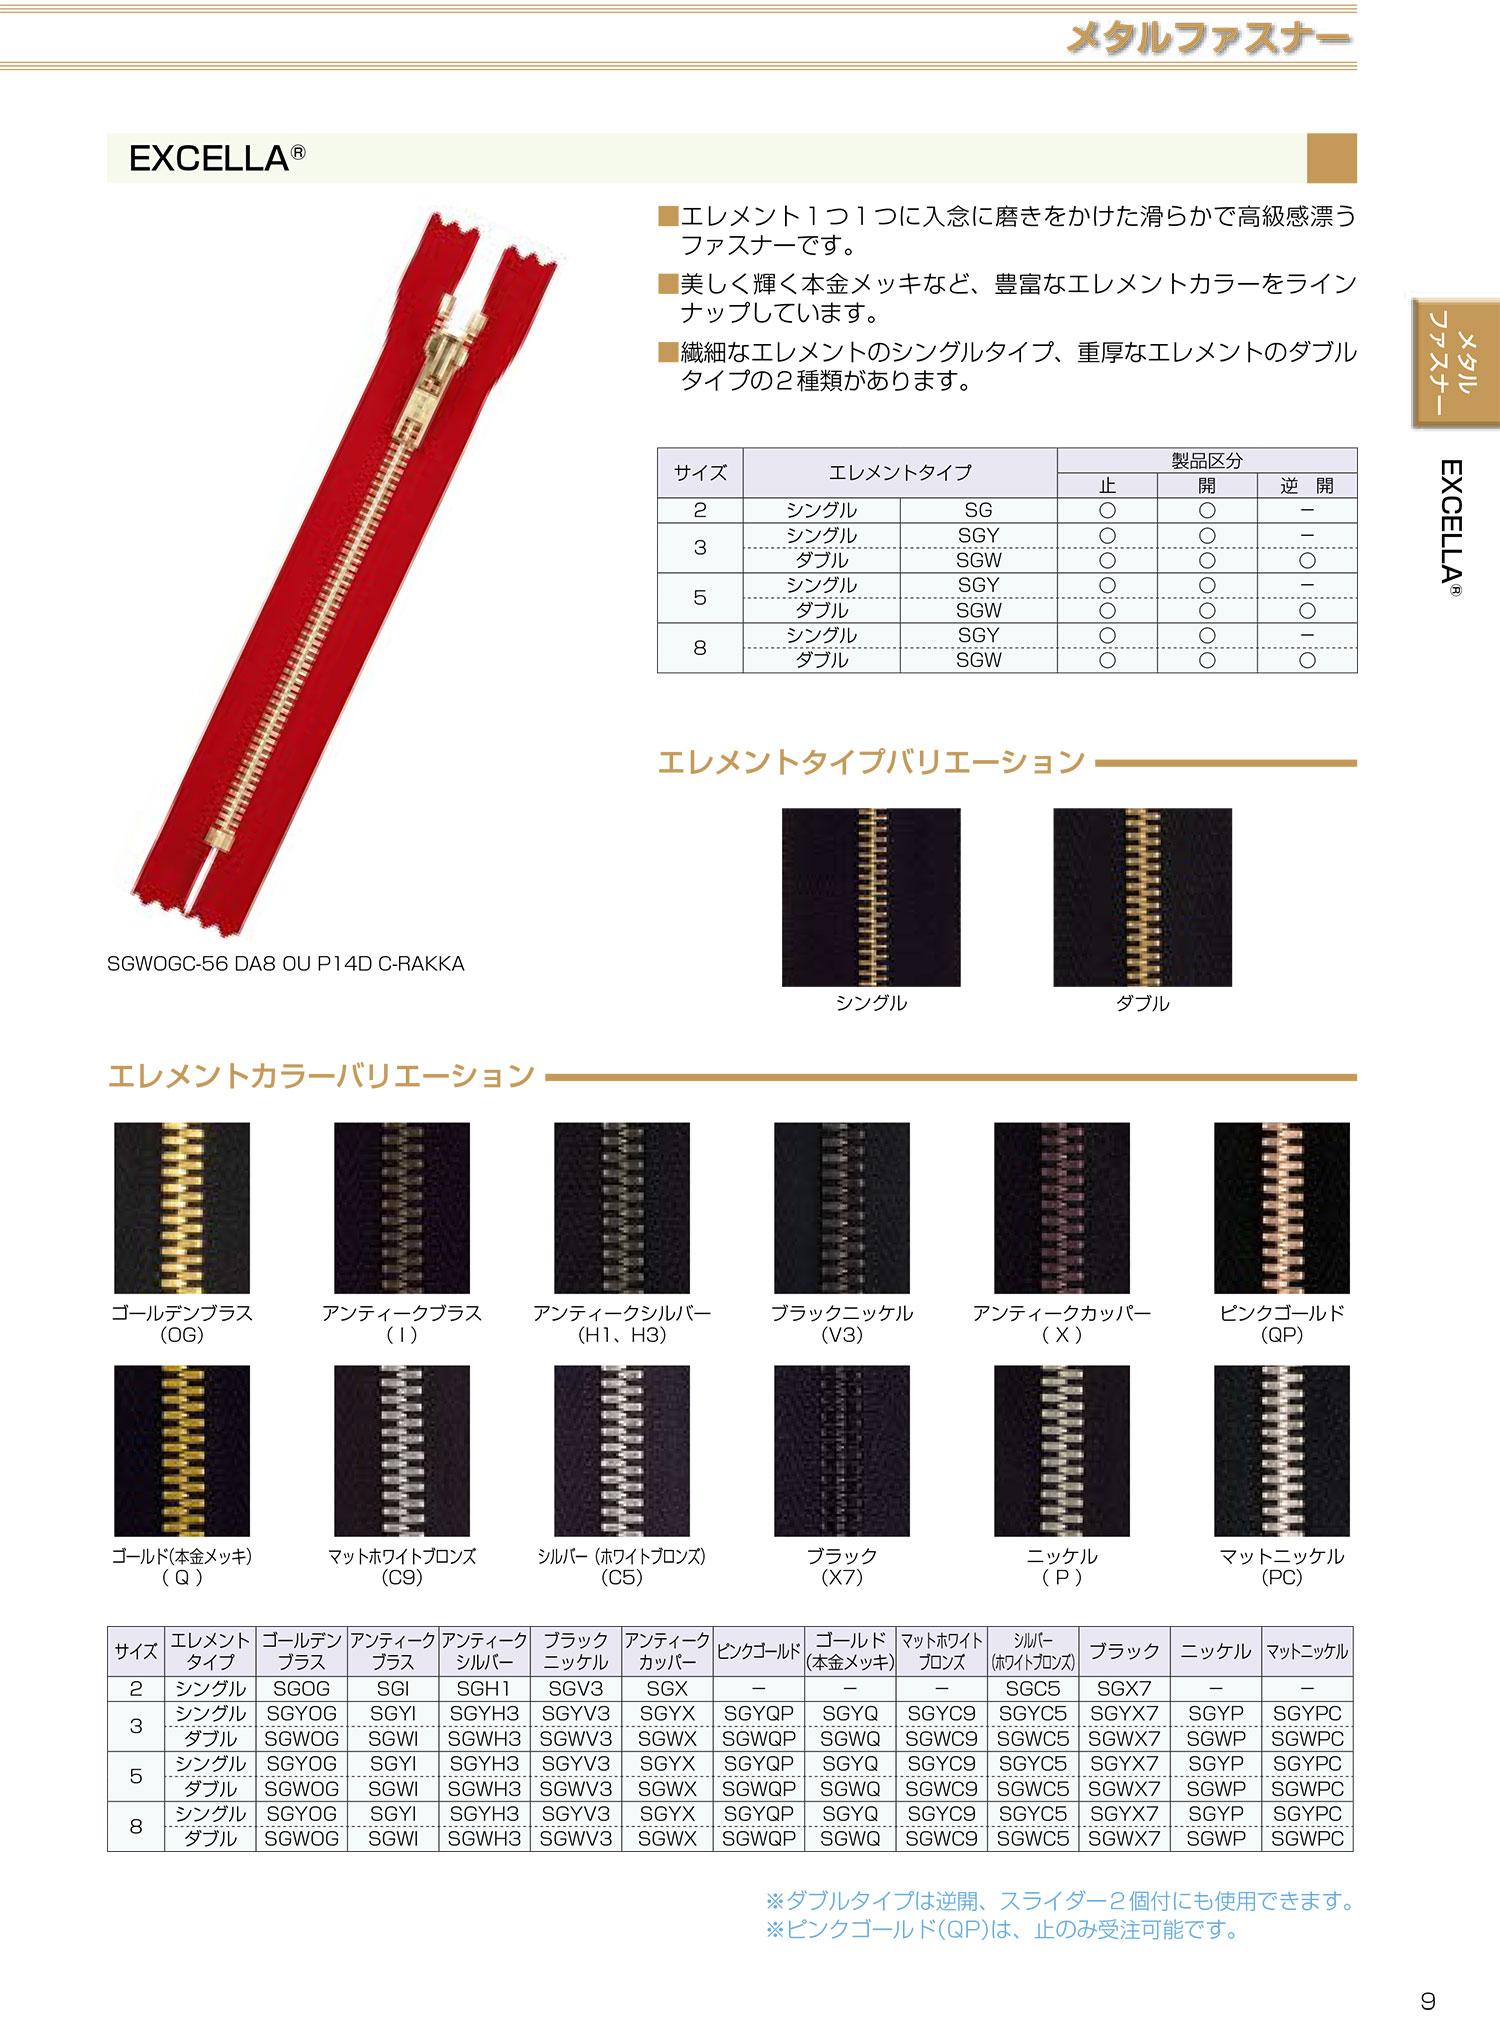 5SGYQC エクセラ 5サイズ ゴールド(本金) 止め シングル[ファスナー] YKK/オークラ商事 - ApparelX アパレル資材卸通販